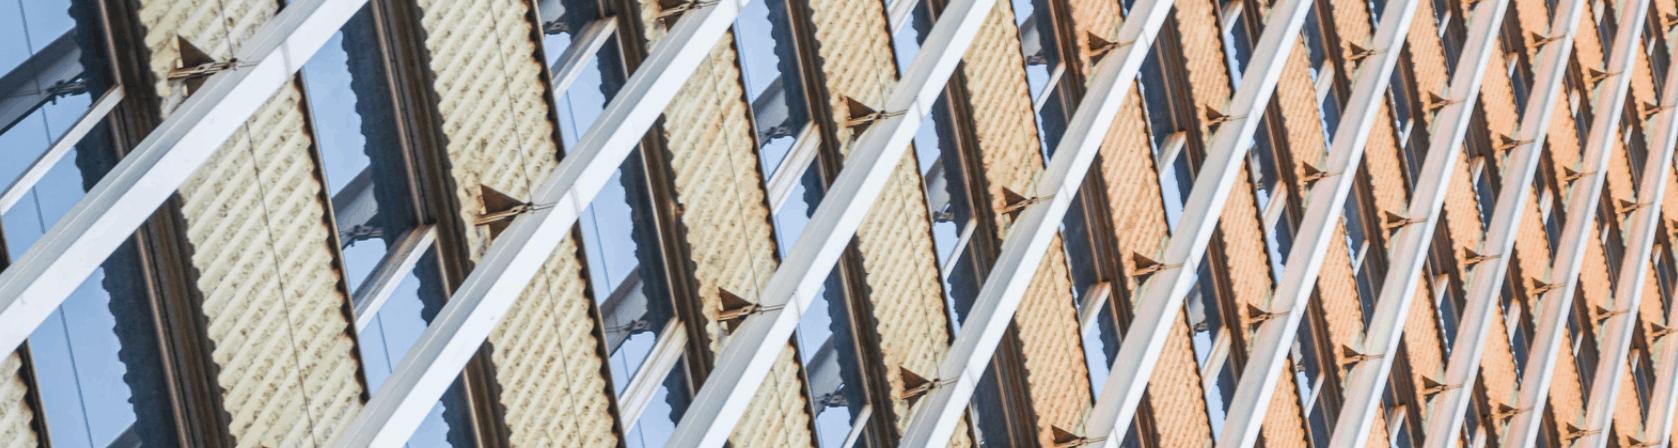 Liste deutsche Wohnungsunternehmen